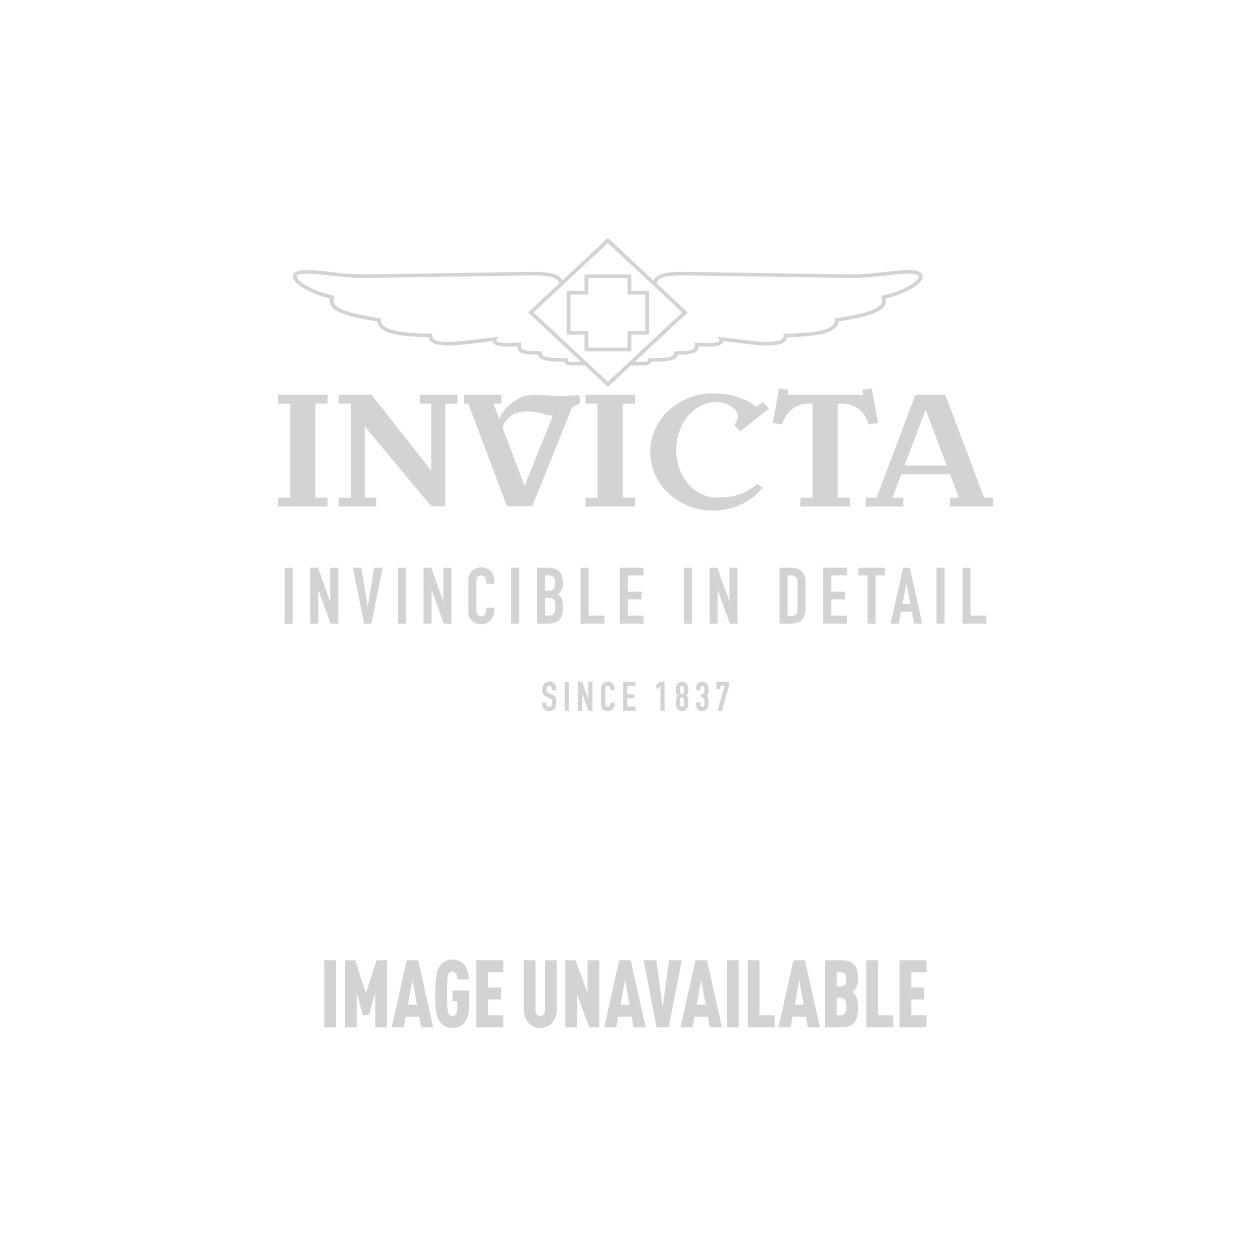 Invicta Model 25251